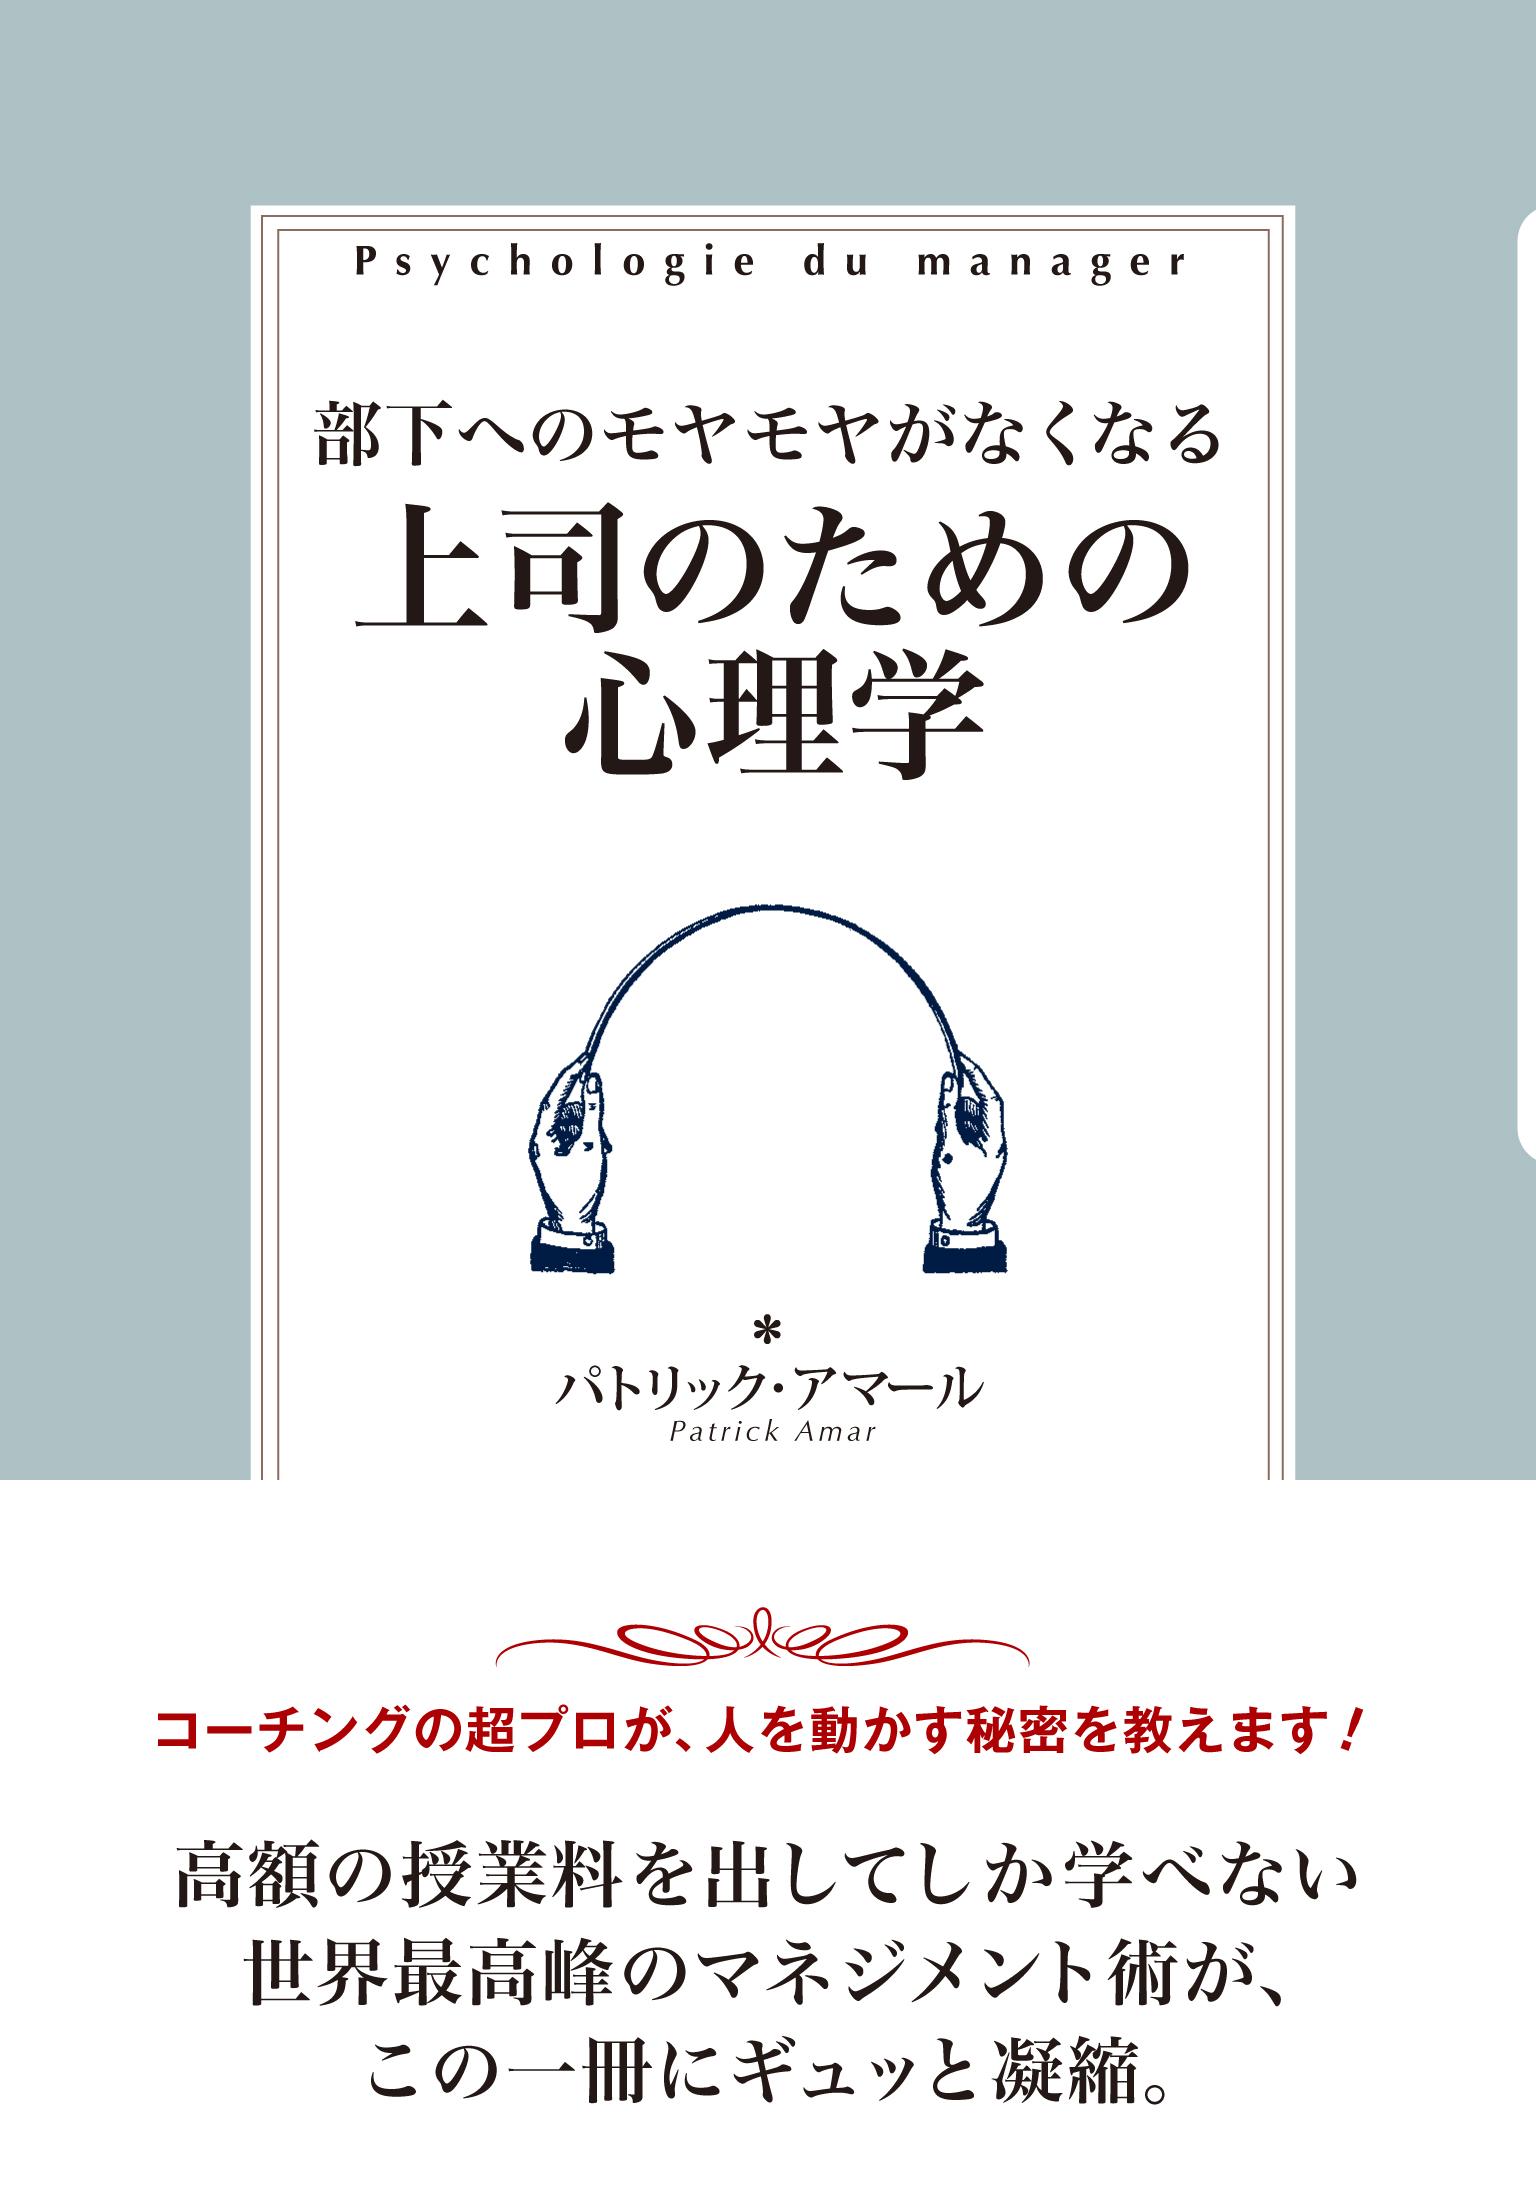 11/13(火)、部下の扱いに悩むビジネスマンに向けた翻訳書『部下へのモヤモヤがなくなる上司のための心理学』をリリース